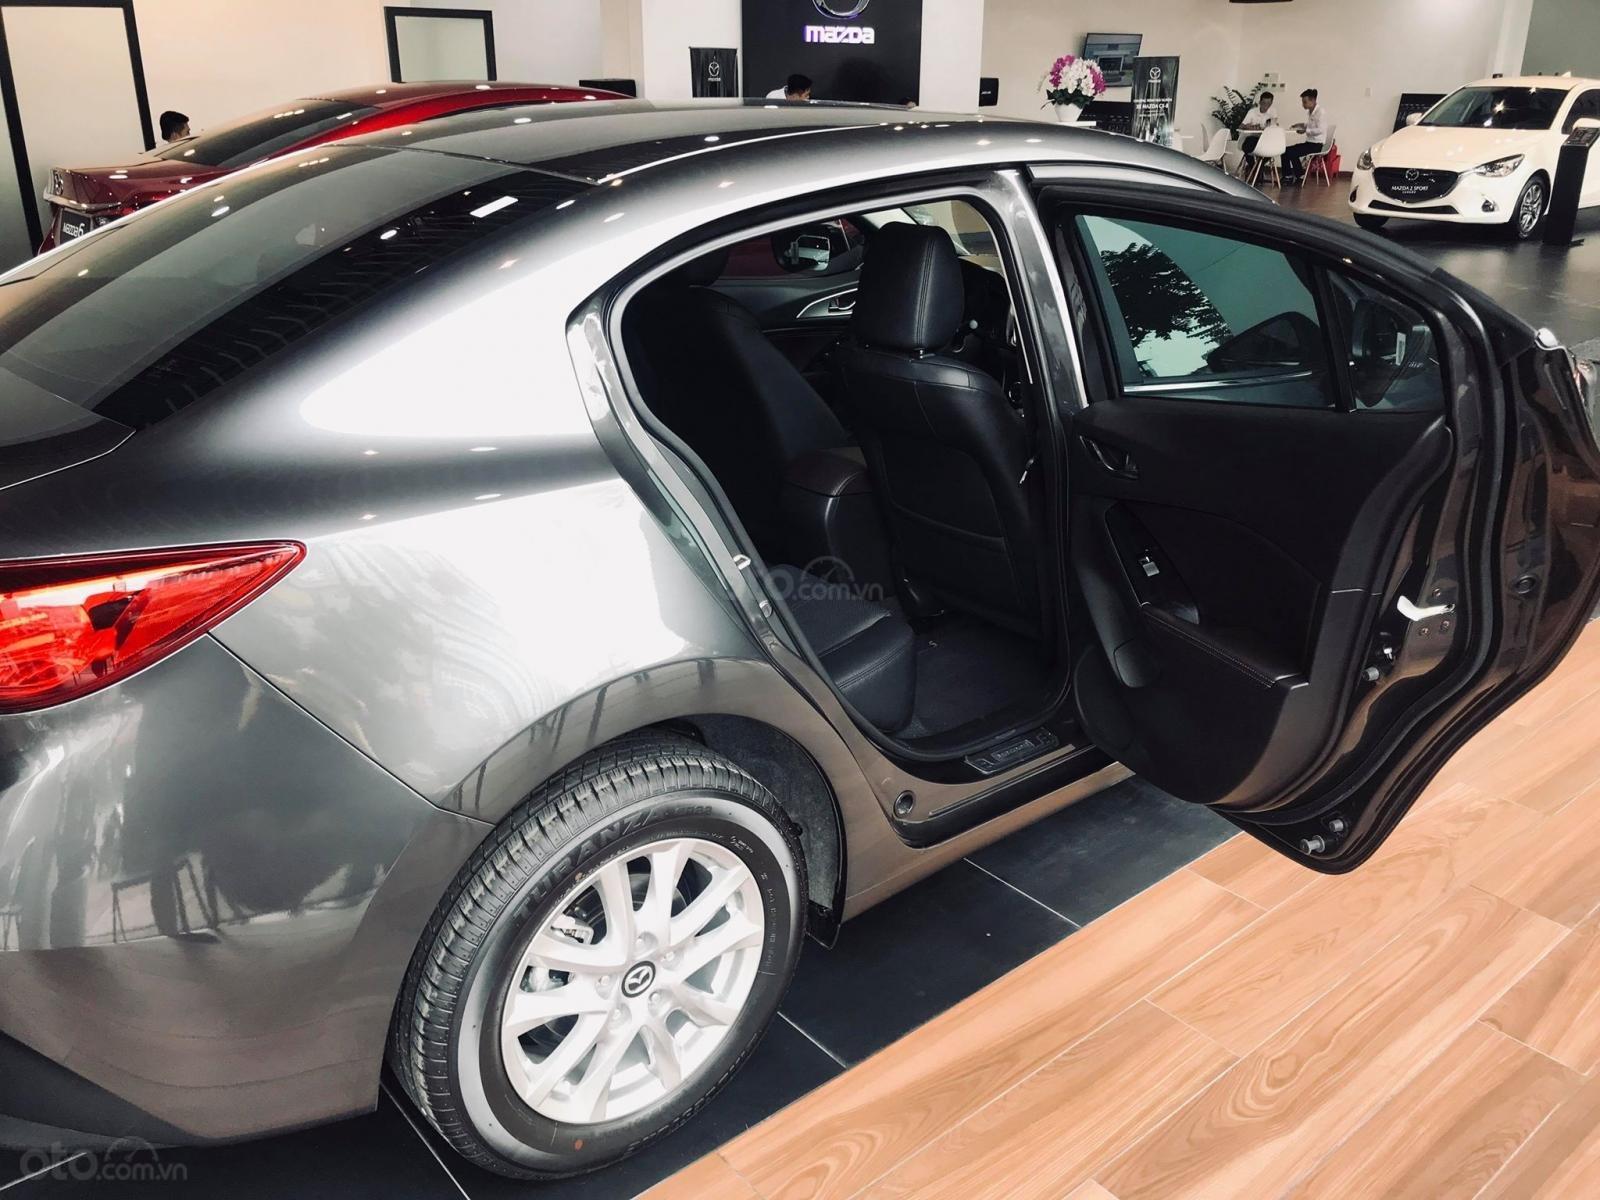 Ưu đãi Mazda 3 lên đến 71tr - Hỗ trợ 90% (4)